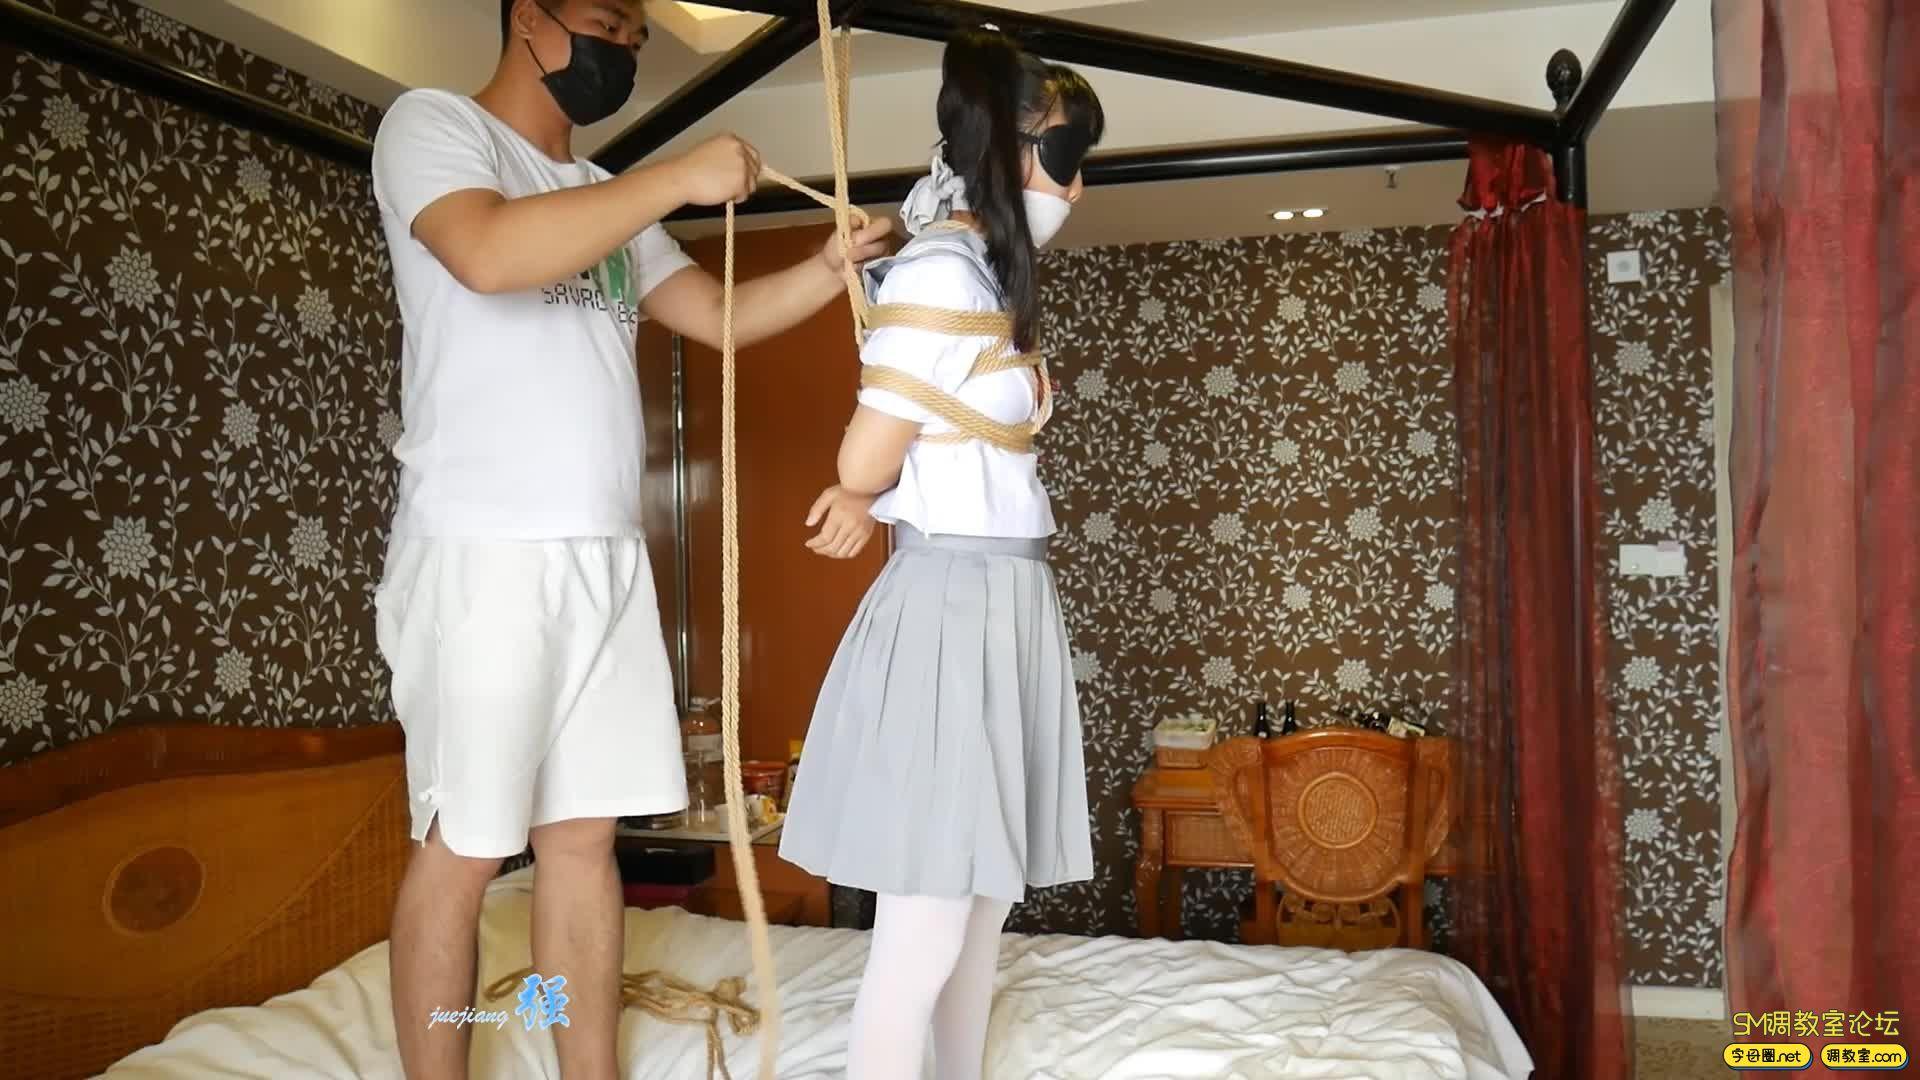 【小羽】 输了游戏可是要被吊起来的哦  白丝水手服吊缚-视频截图7